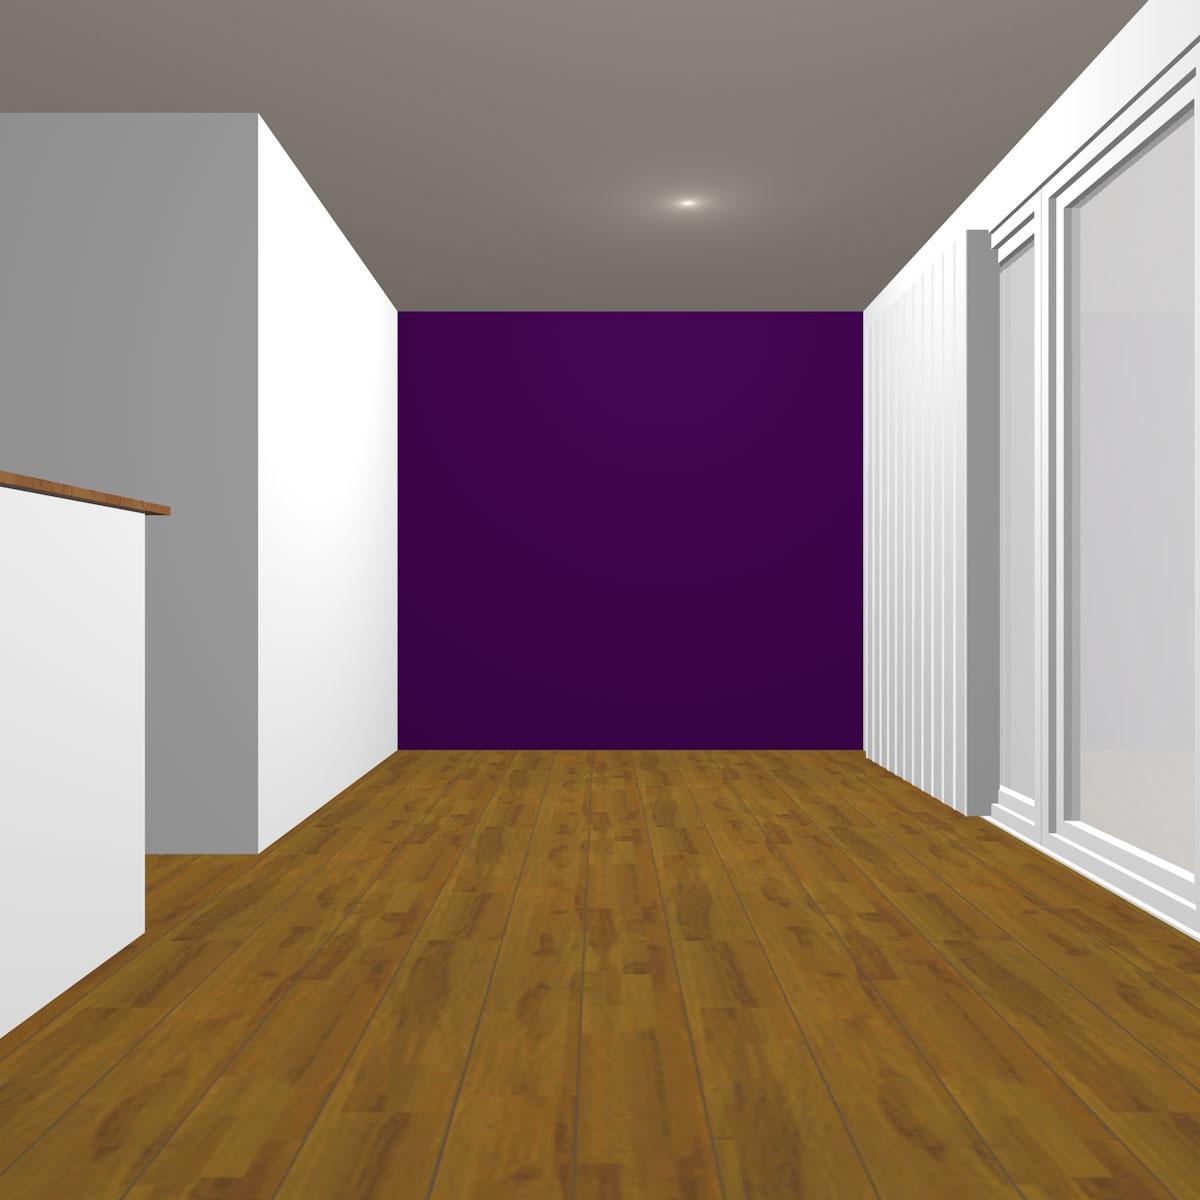 ダークトーンの紫の壁紙クロス